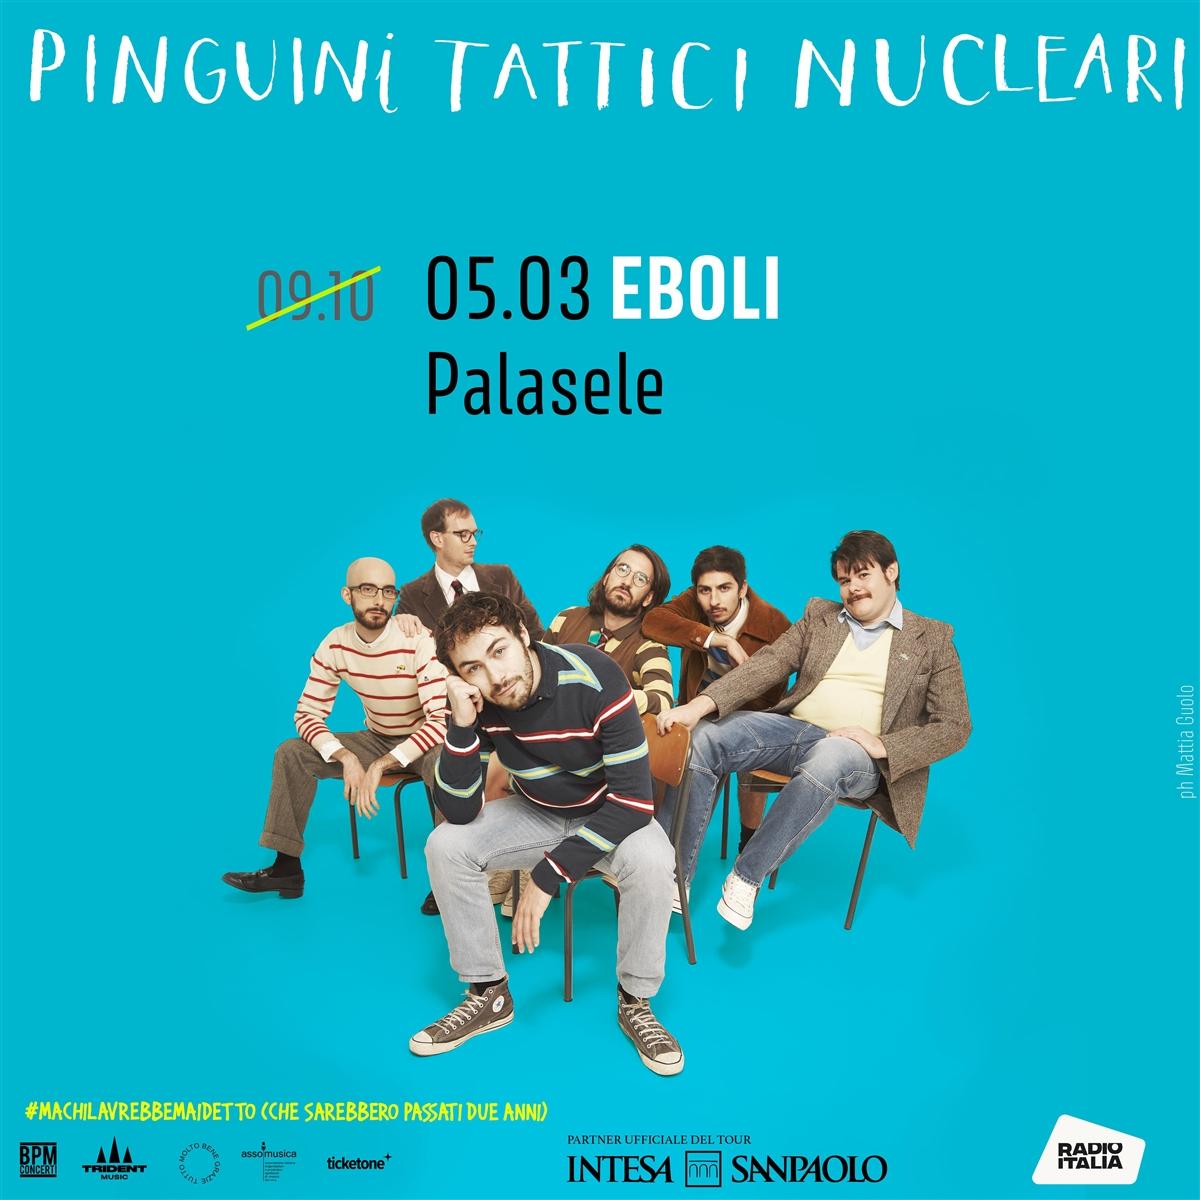 PINGUINI TATTICI NUCLEARI: NUOVO CALENDARIO DEL TOUR, APPUNTAMENTO AL PALASELE IL 5 MARZO 2022